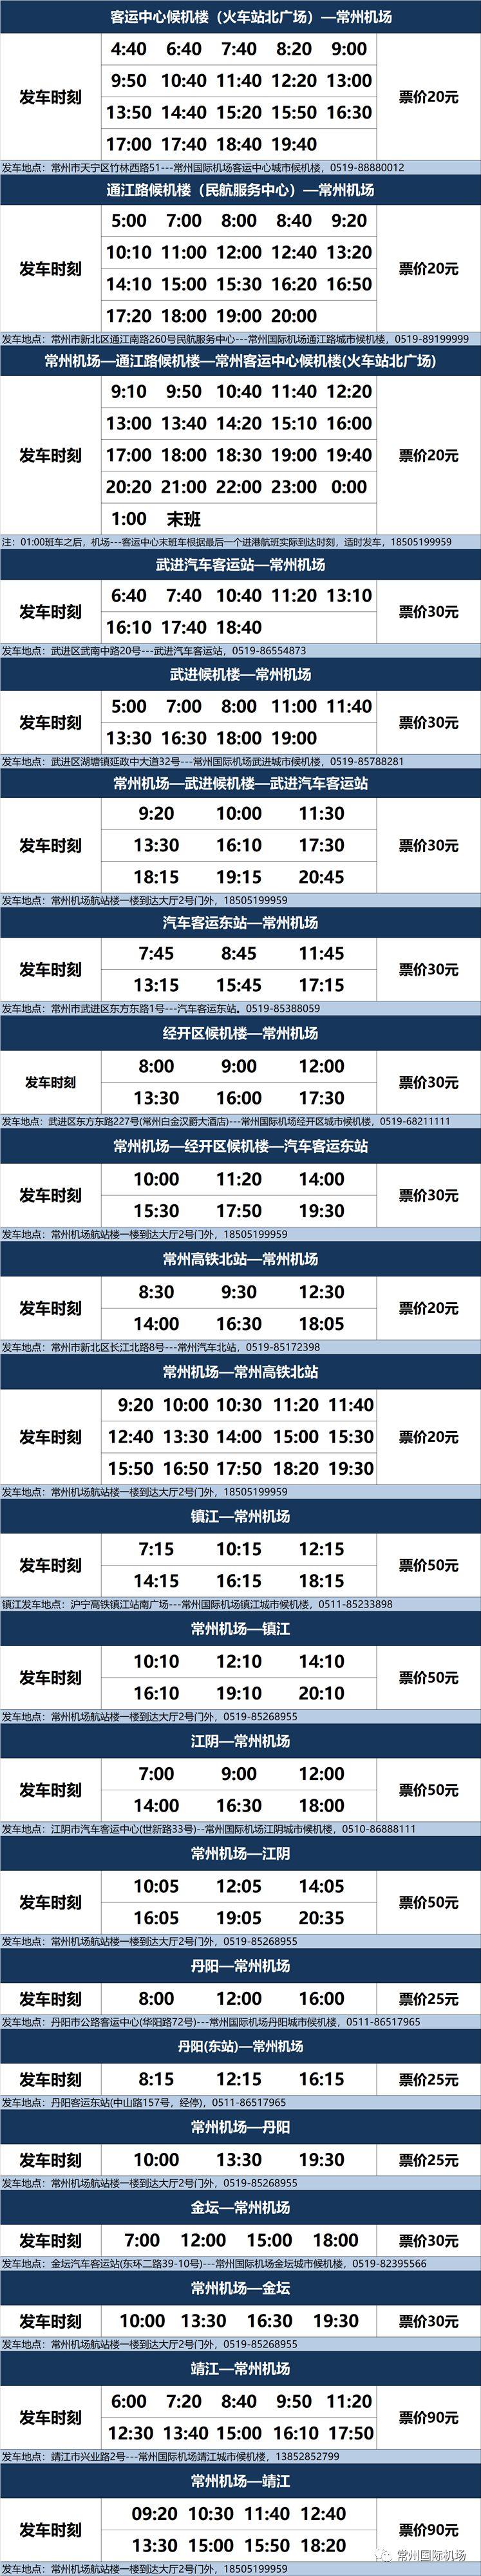 2019年1月常州国际机场大巴时刻表